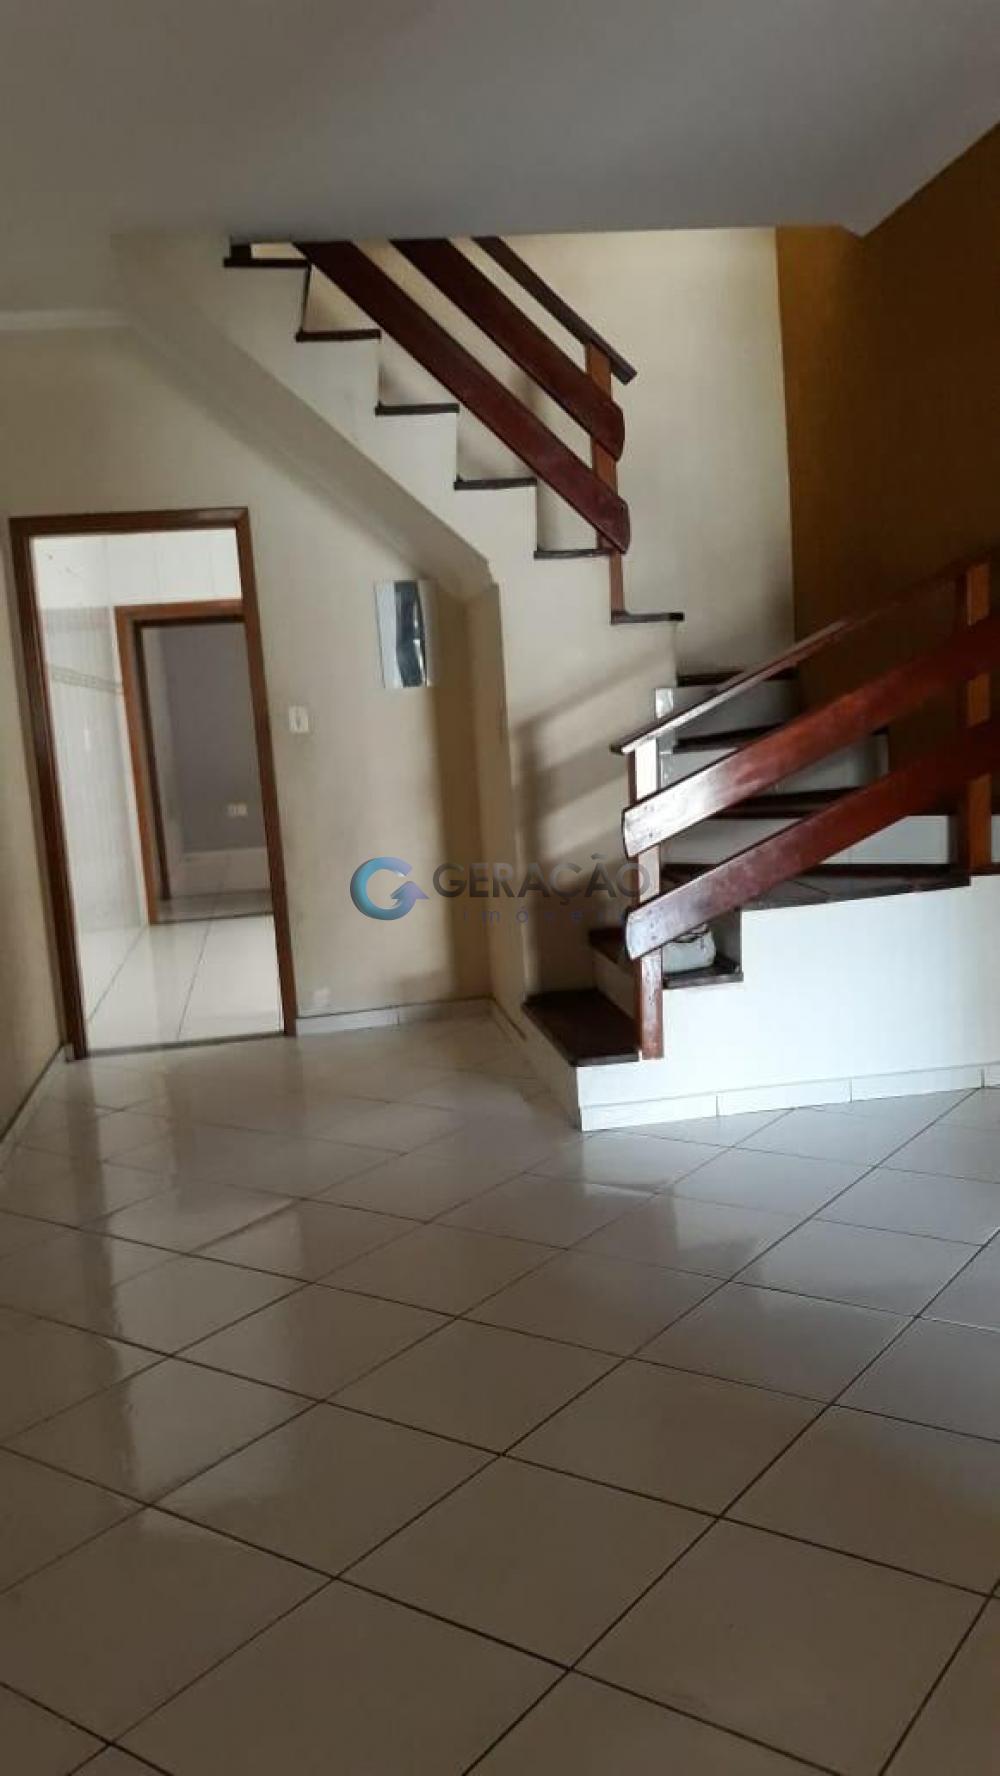 Comprar Casa / Sobrado em São José dos Campos R$ 488.000,00 - Foto 1